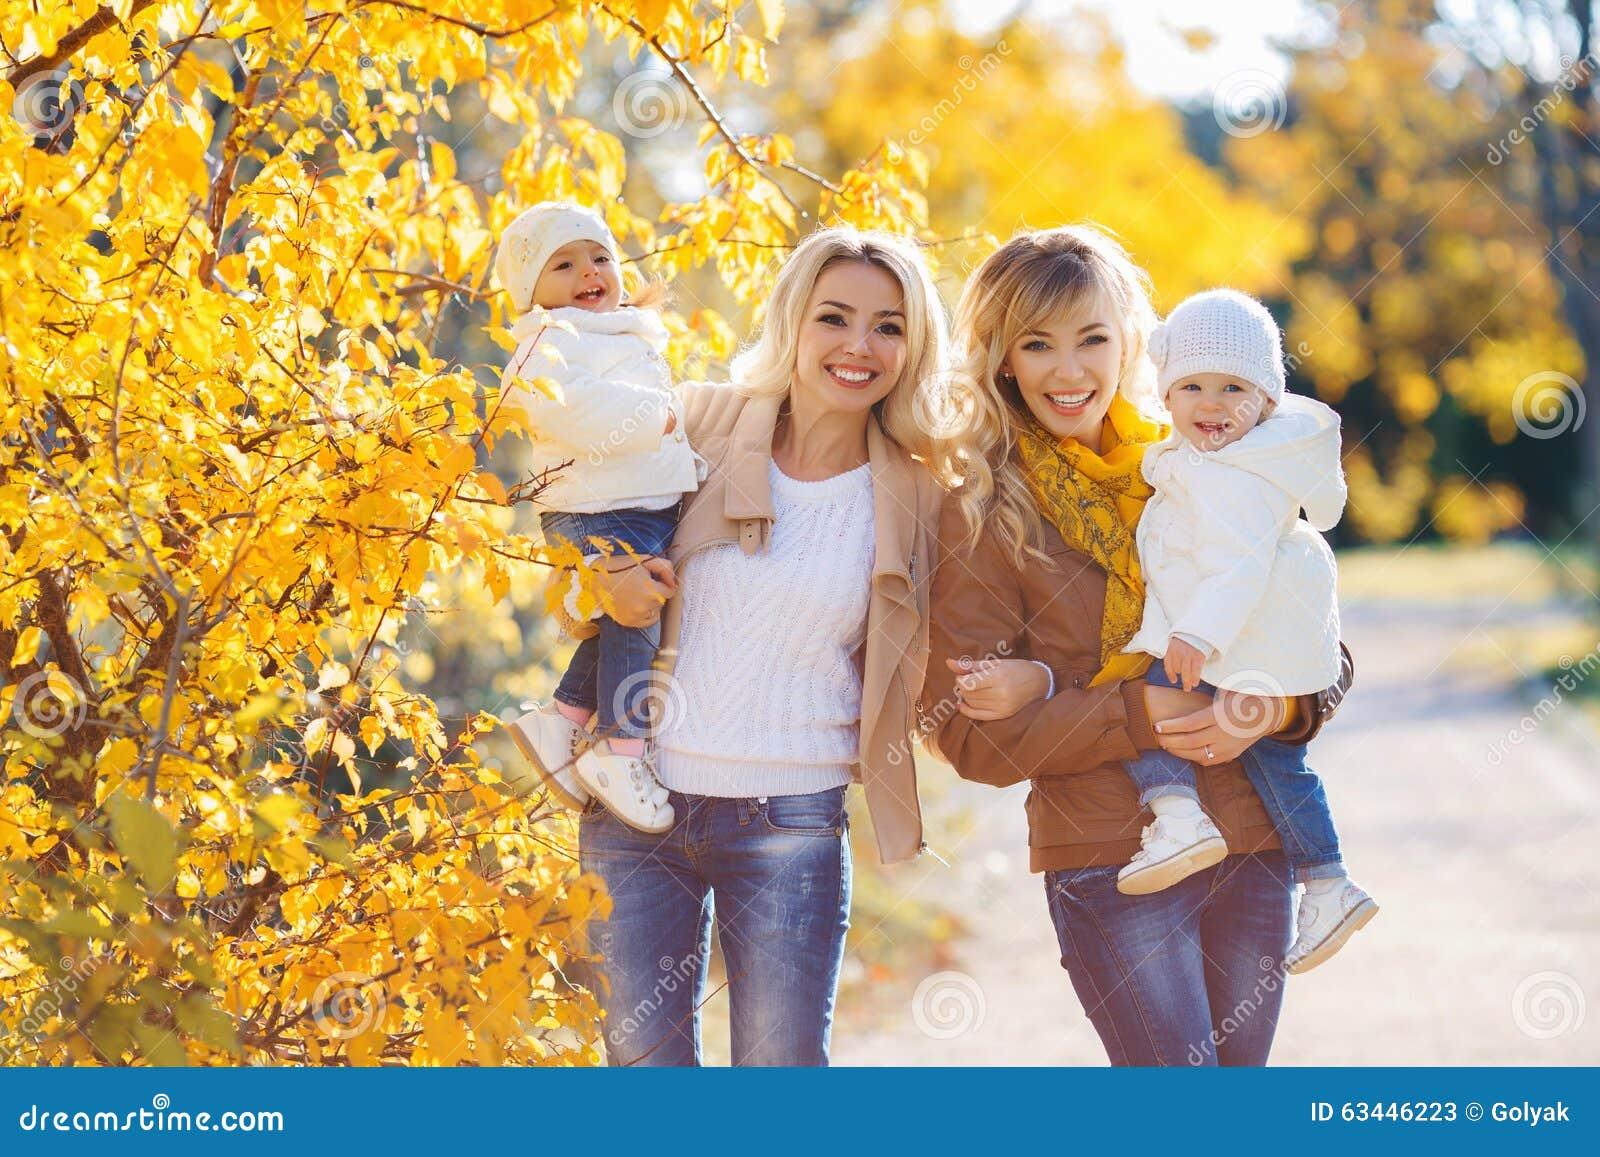 Mütter und Kinder für einen Weg im Park im Herbst